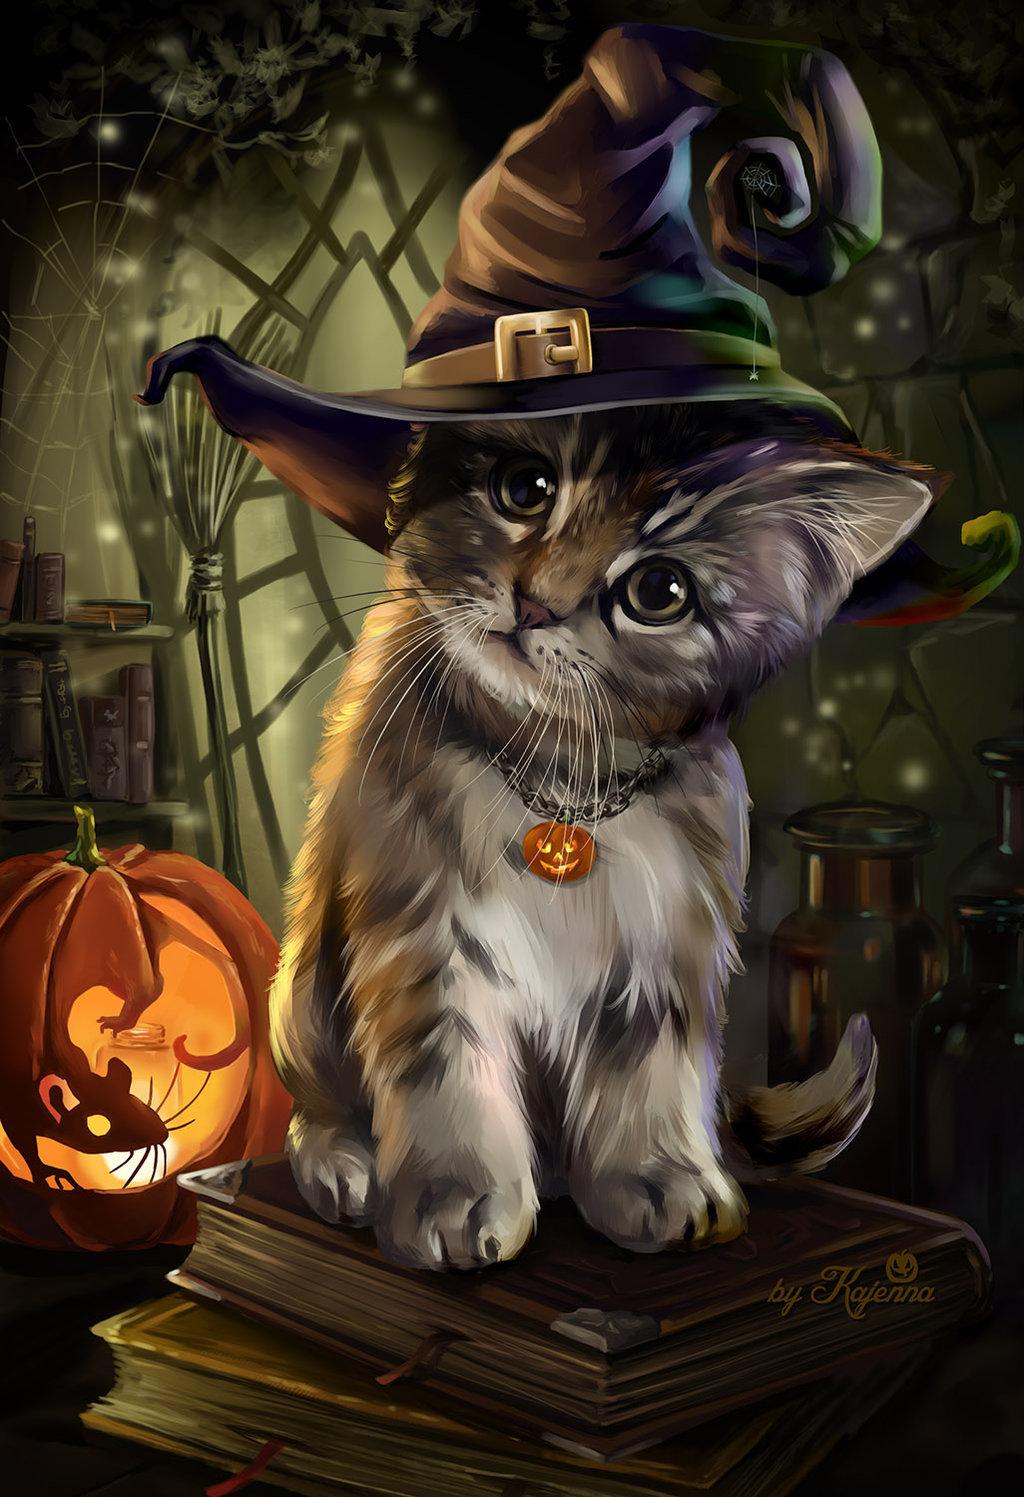 Картинки котов прикольные магов, открыткам